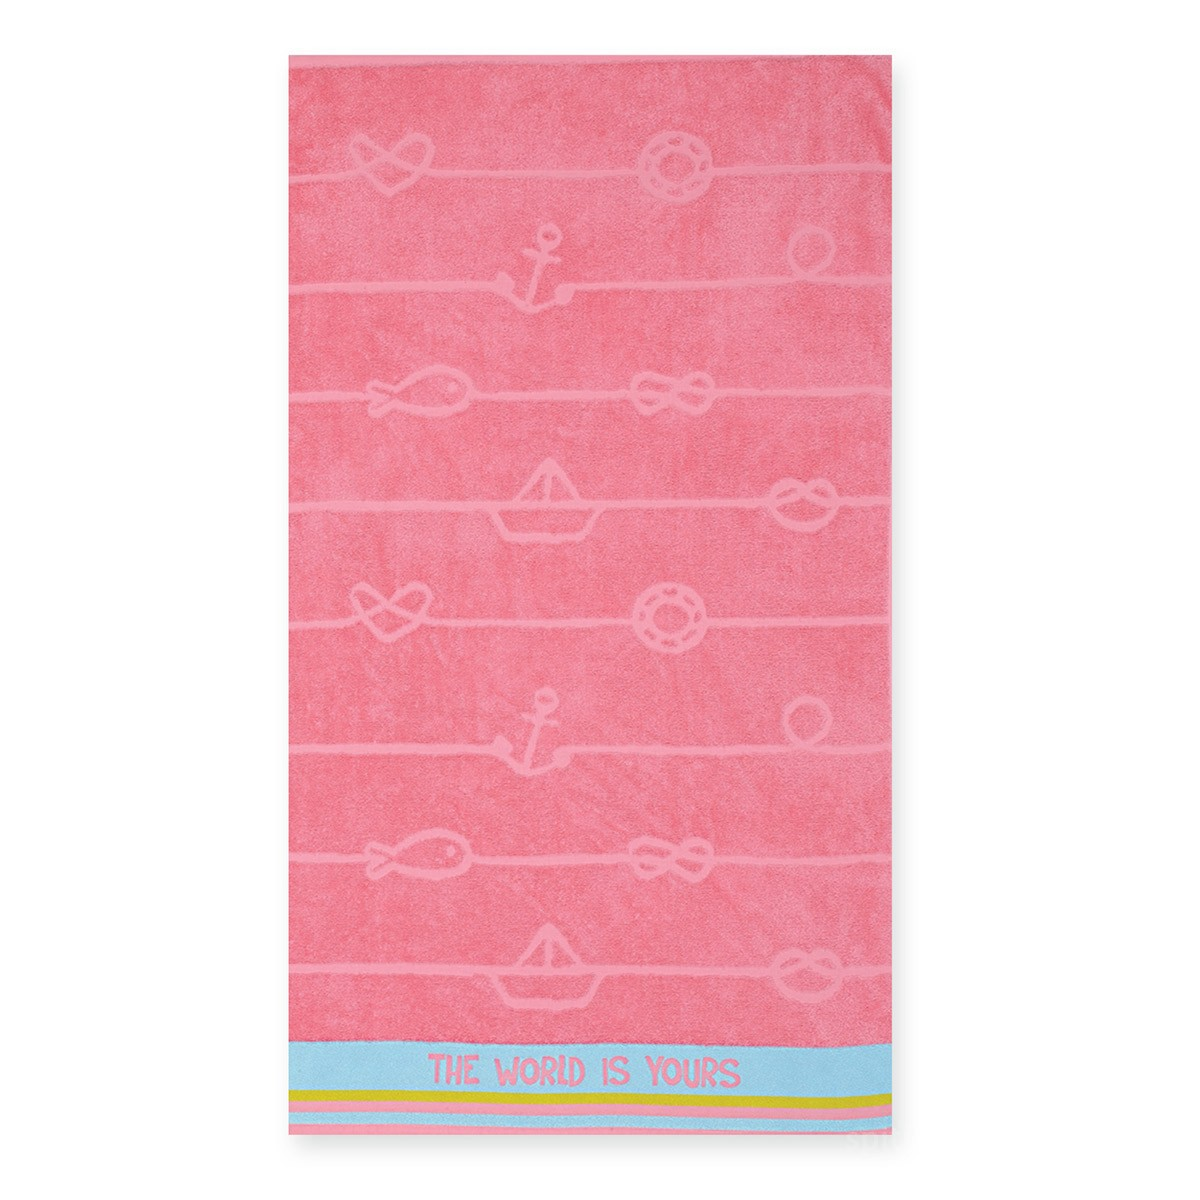 Παιδική Πετσέτα Θαλάσσης Nef-Nef The World Is Yours Pink home   θαλάσσης   πετσέτες θαλάσσης παιδικές